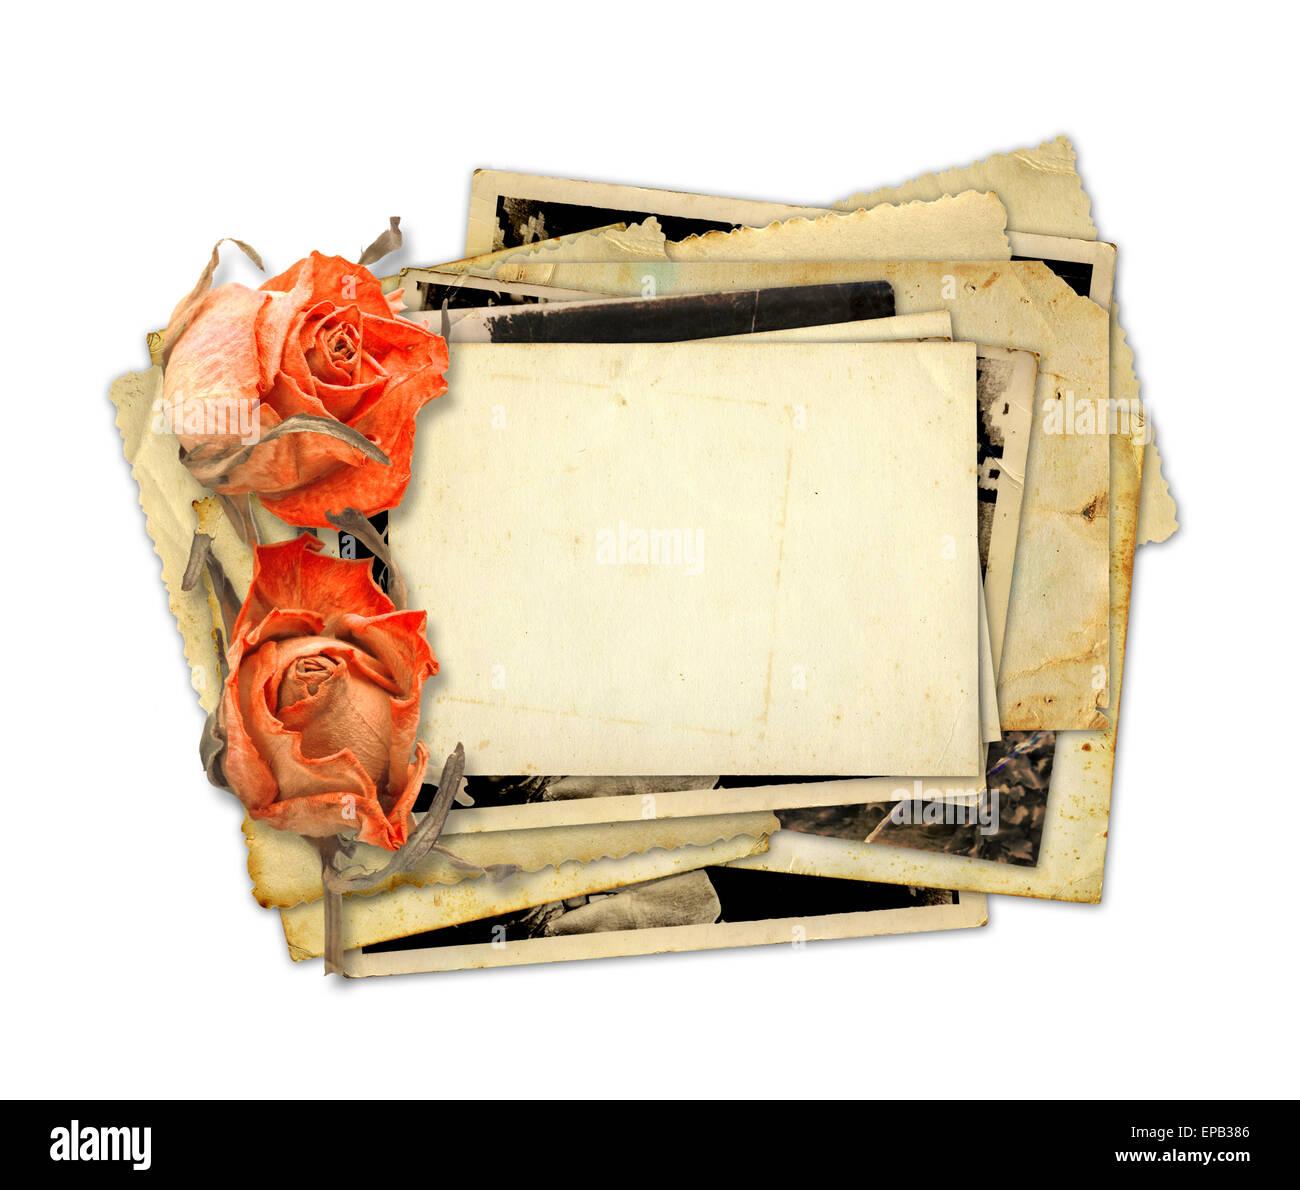 Briefe Mit Nachnahme : Haufen von alten fotos und briefe mit bouquet